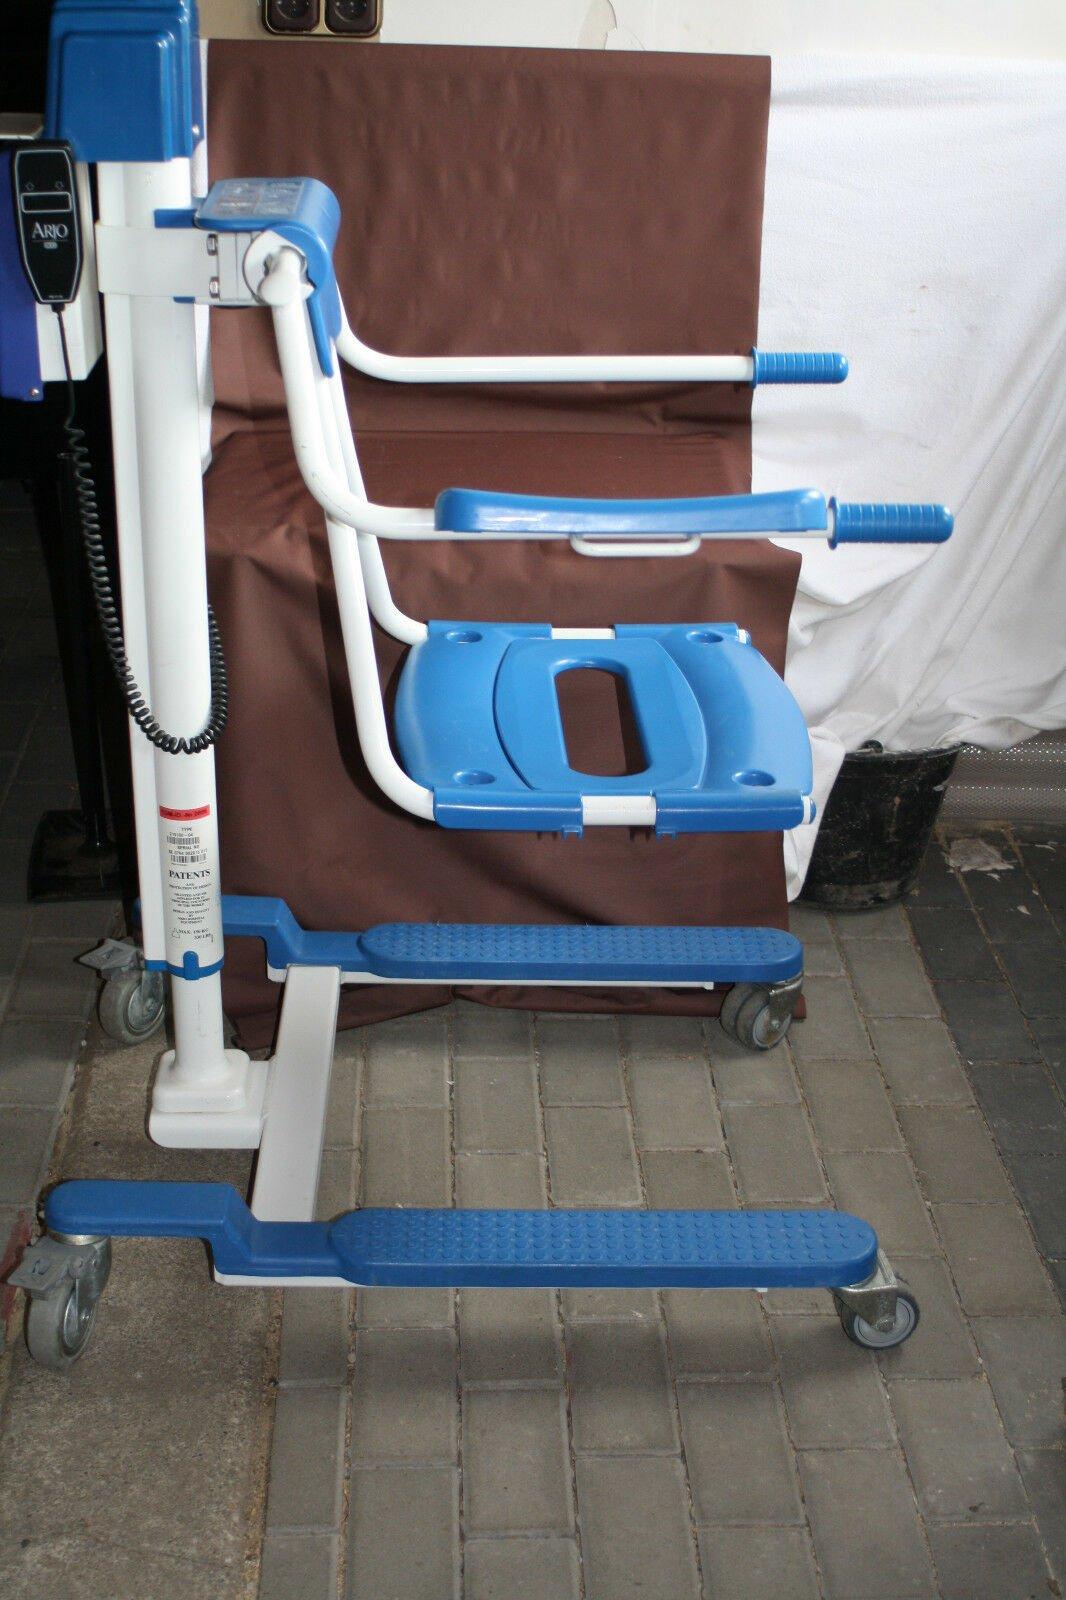 Arjo 219100-04 Duschlift Badewannenlift Patientenlift max. 150 Kg